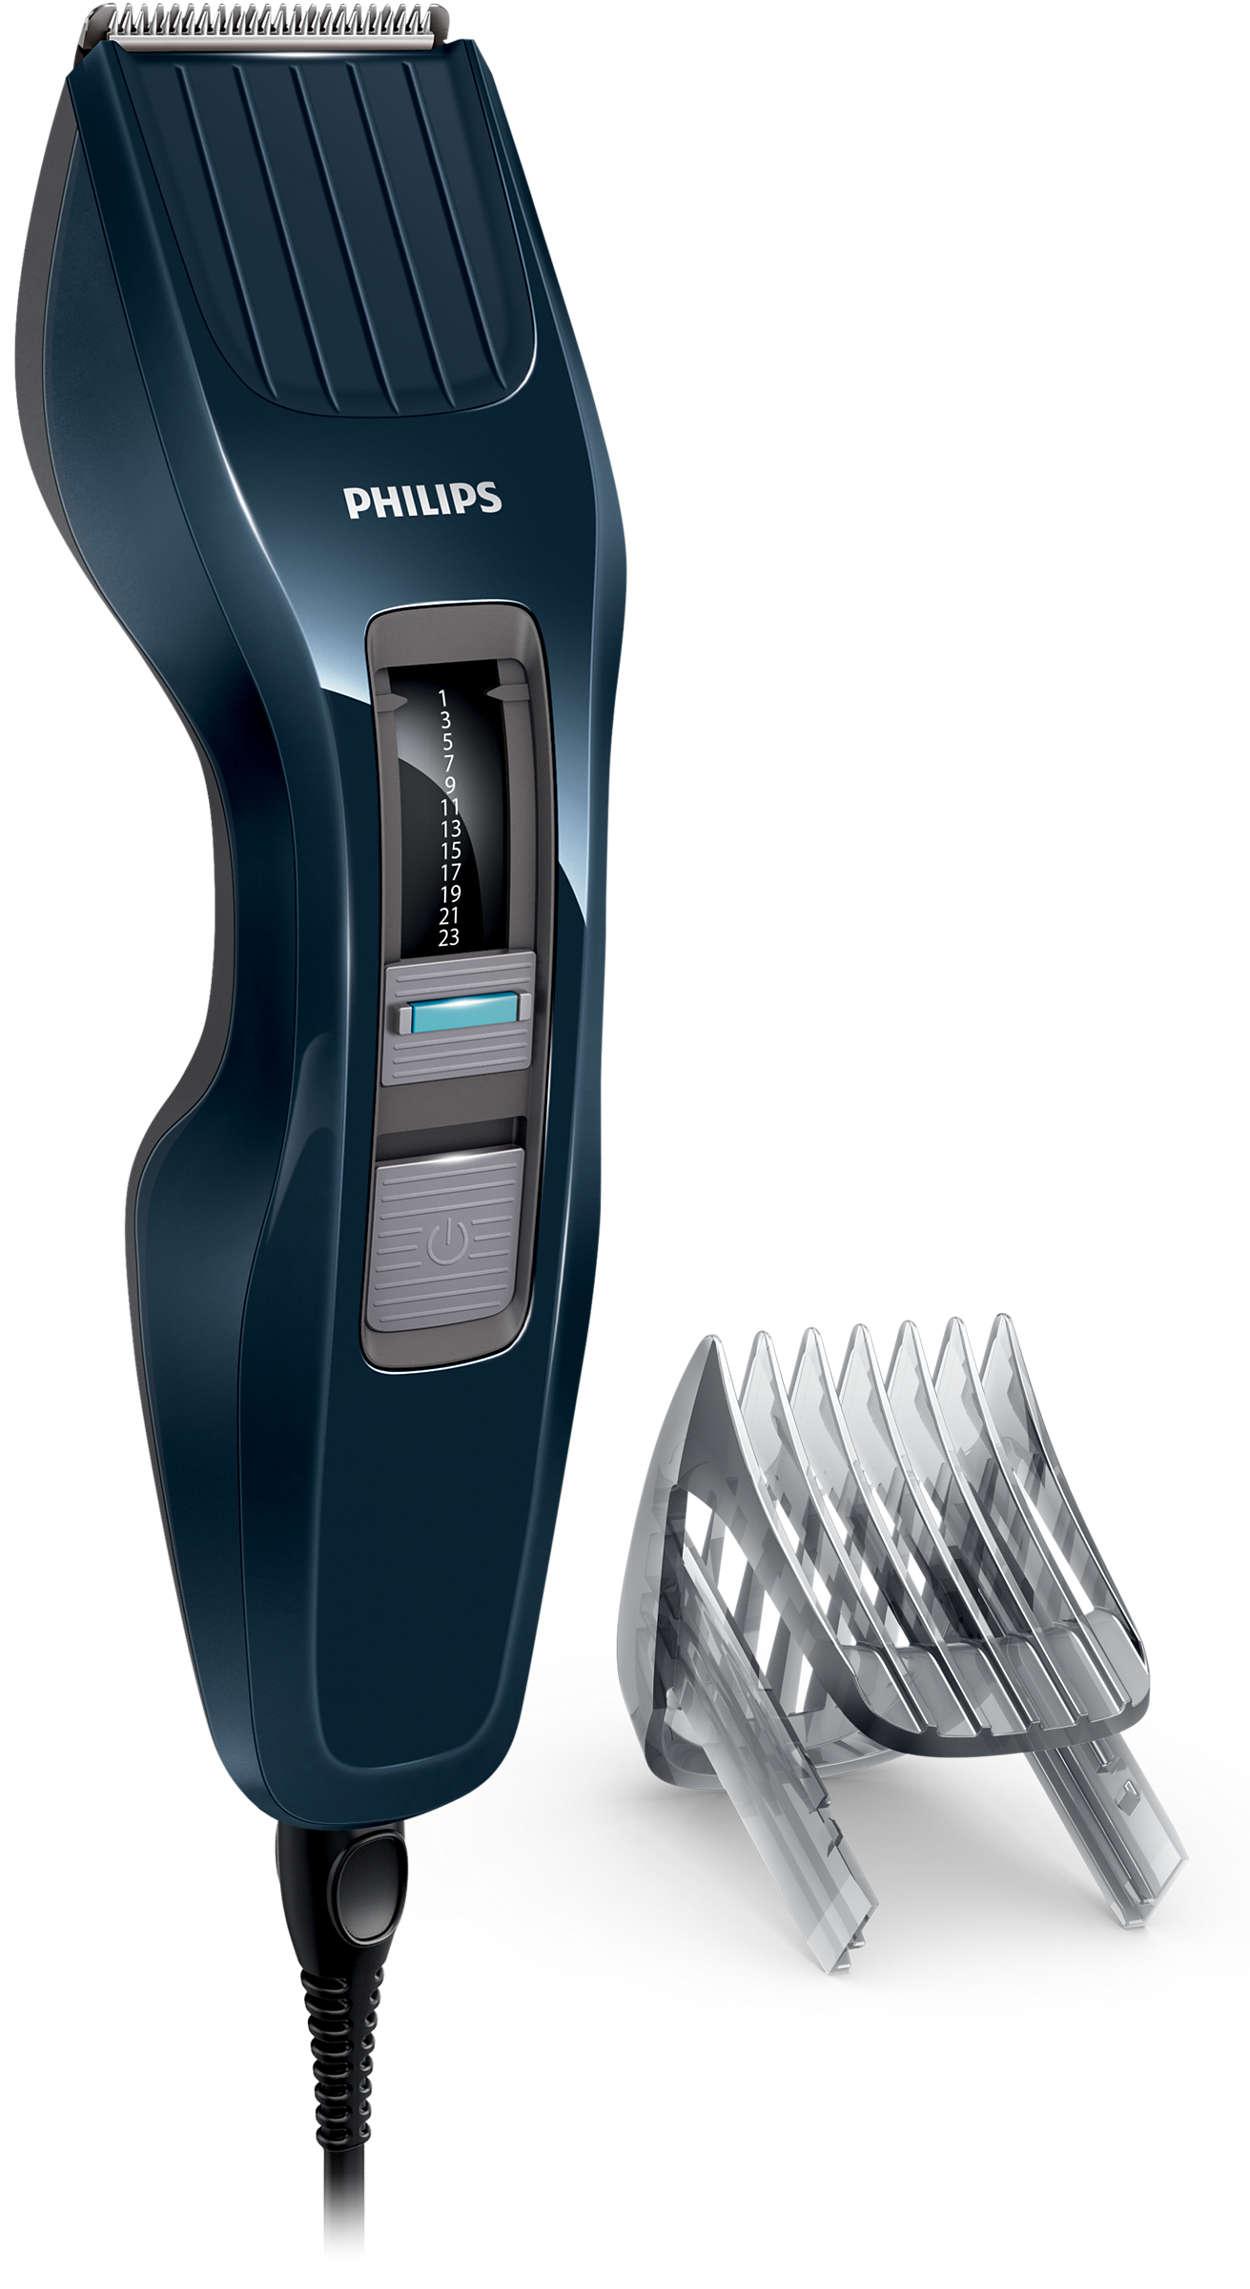 ヘアーカッター 3000 シリーズ - カット性能が 2 倍*